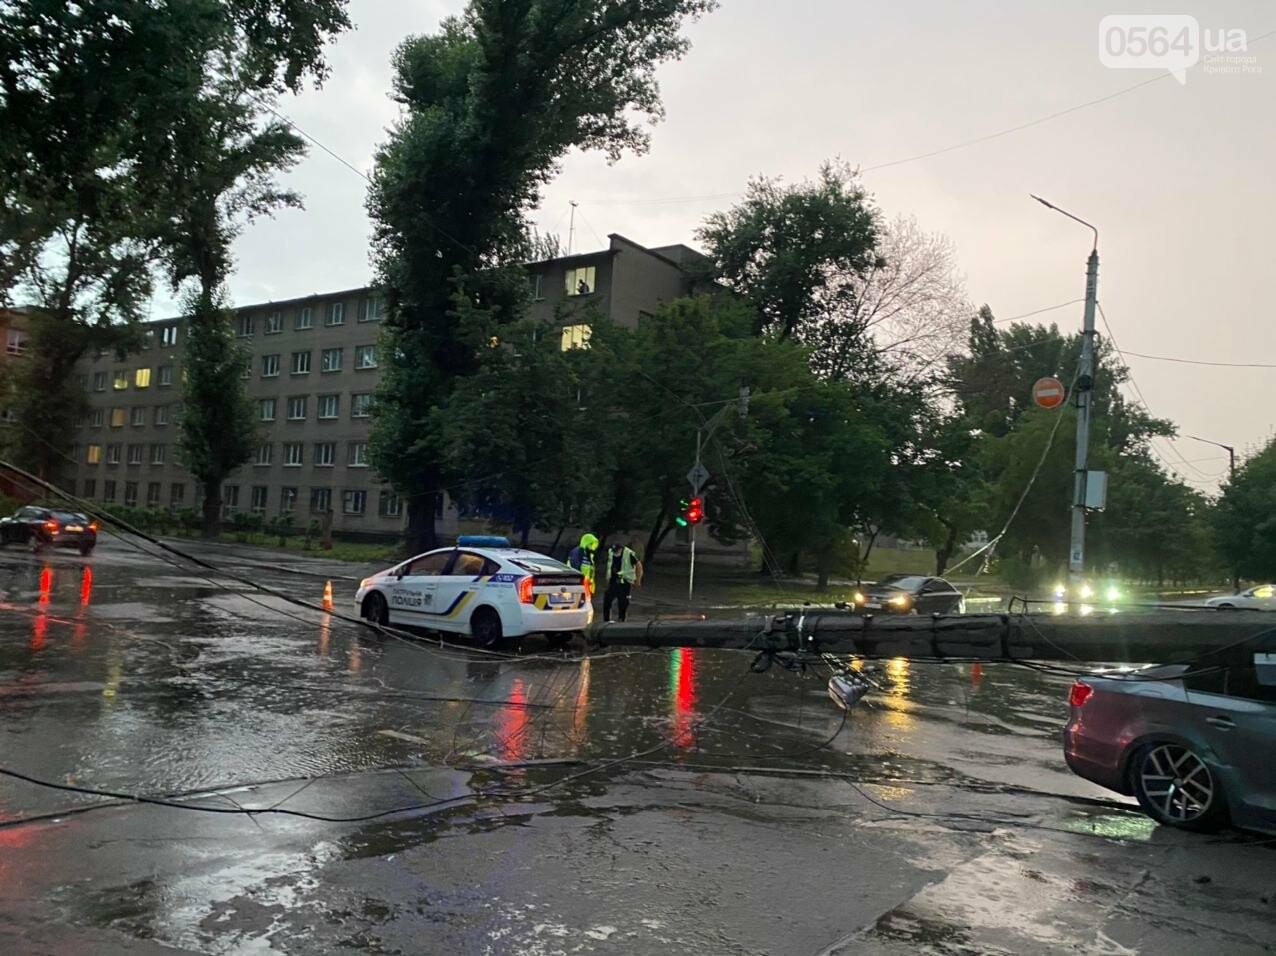 Во время дождя в Кривом Роге Volkswagen снес столб, - ФОТО, фото-10